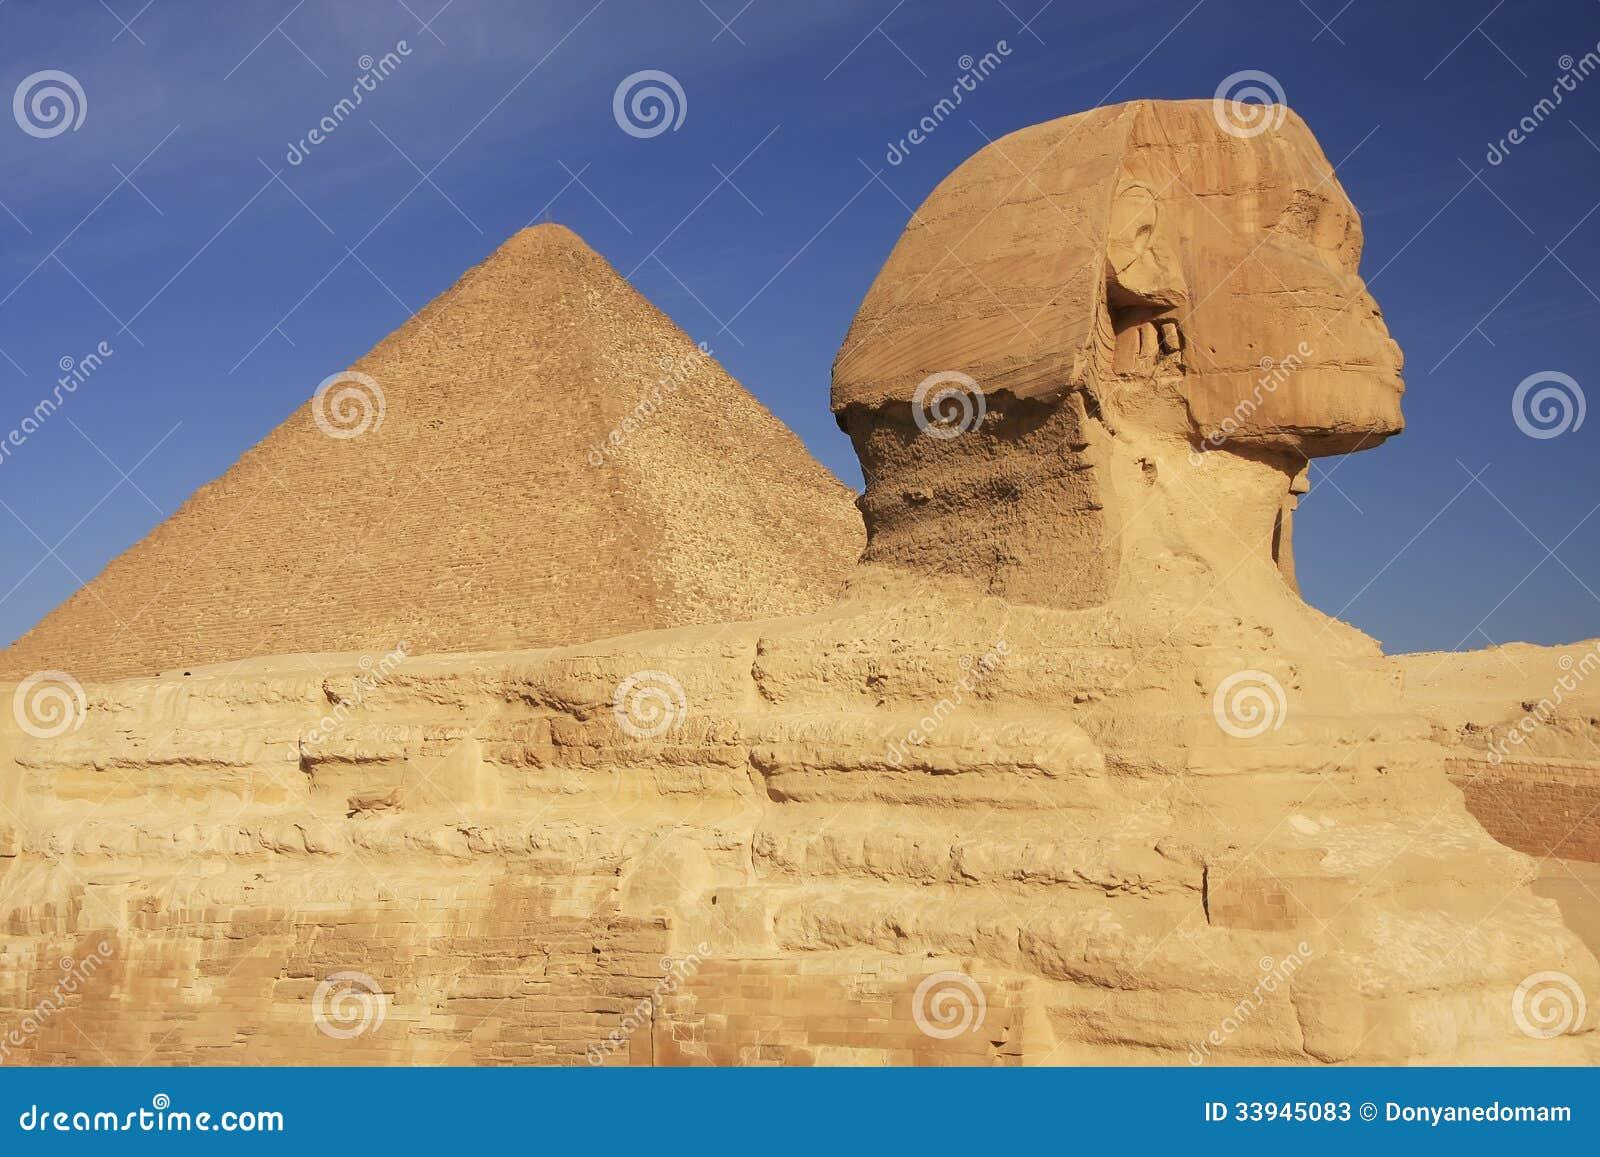 Το Sphinx και η μεγάλη πυραμίδα Khufu, Κάιρο